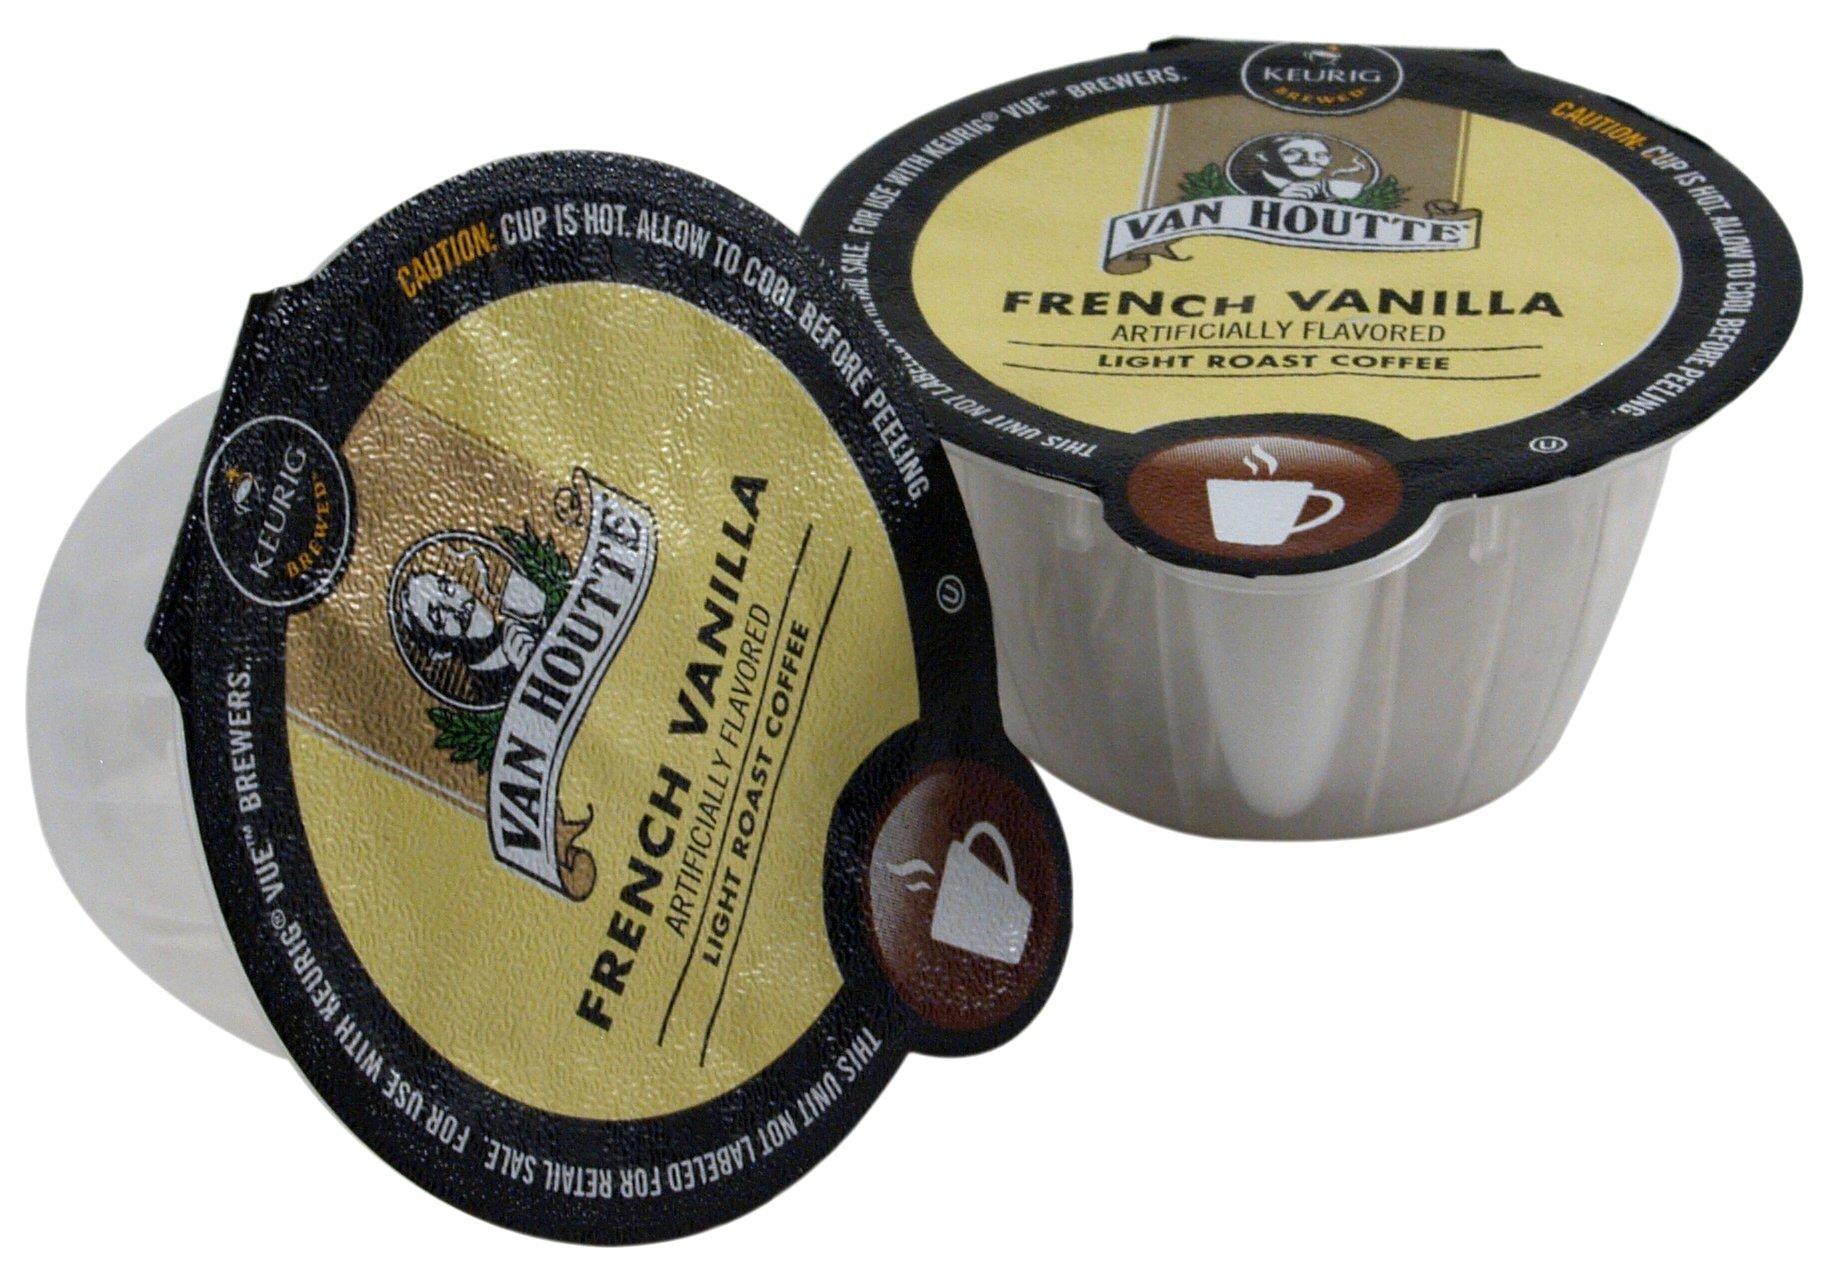 Van Houtte French Vanilla Coffee Keurig Vue Portion Pack, 96 Count